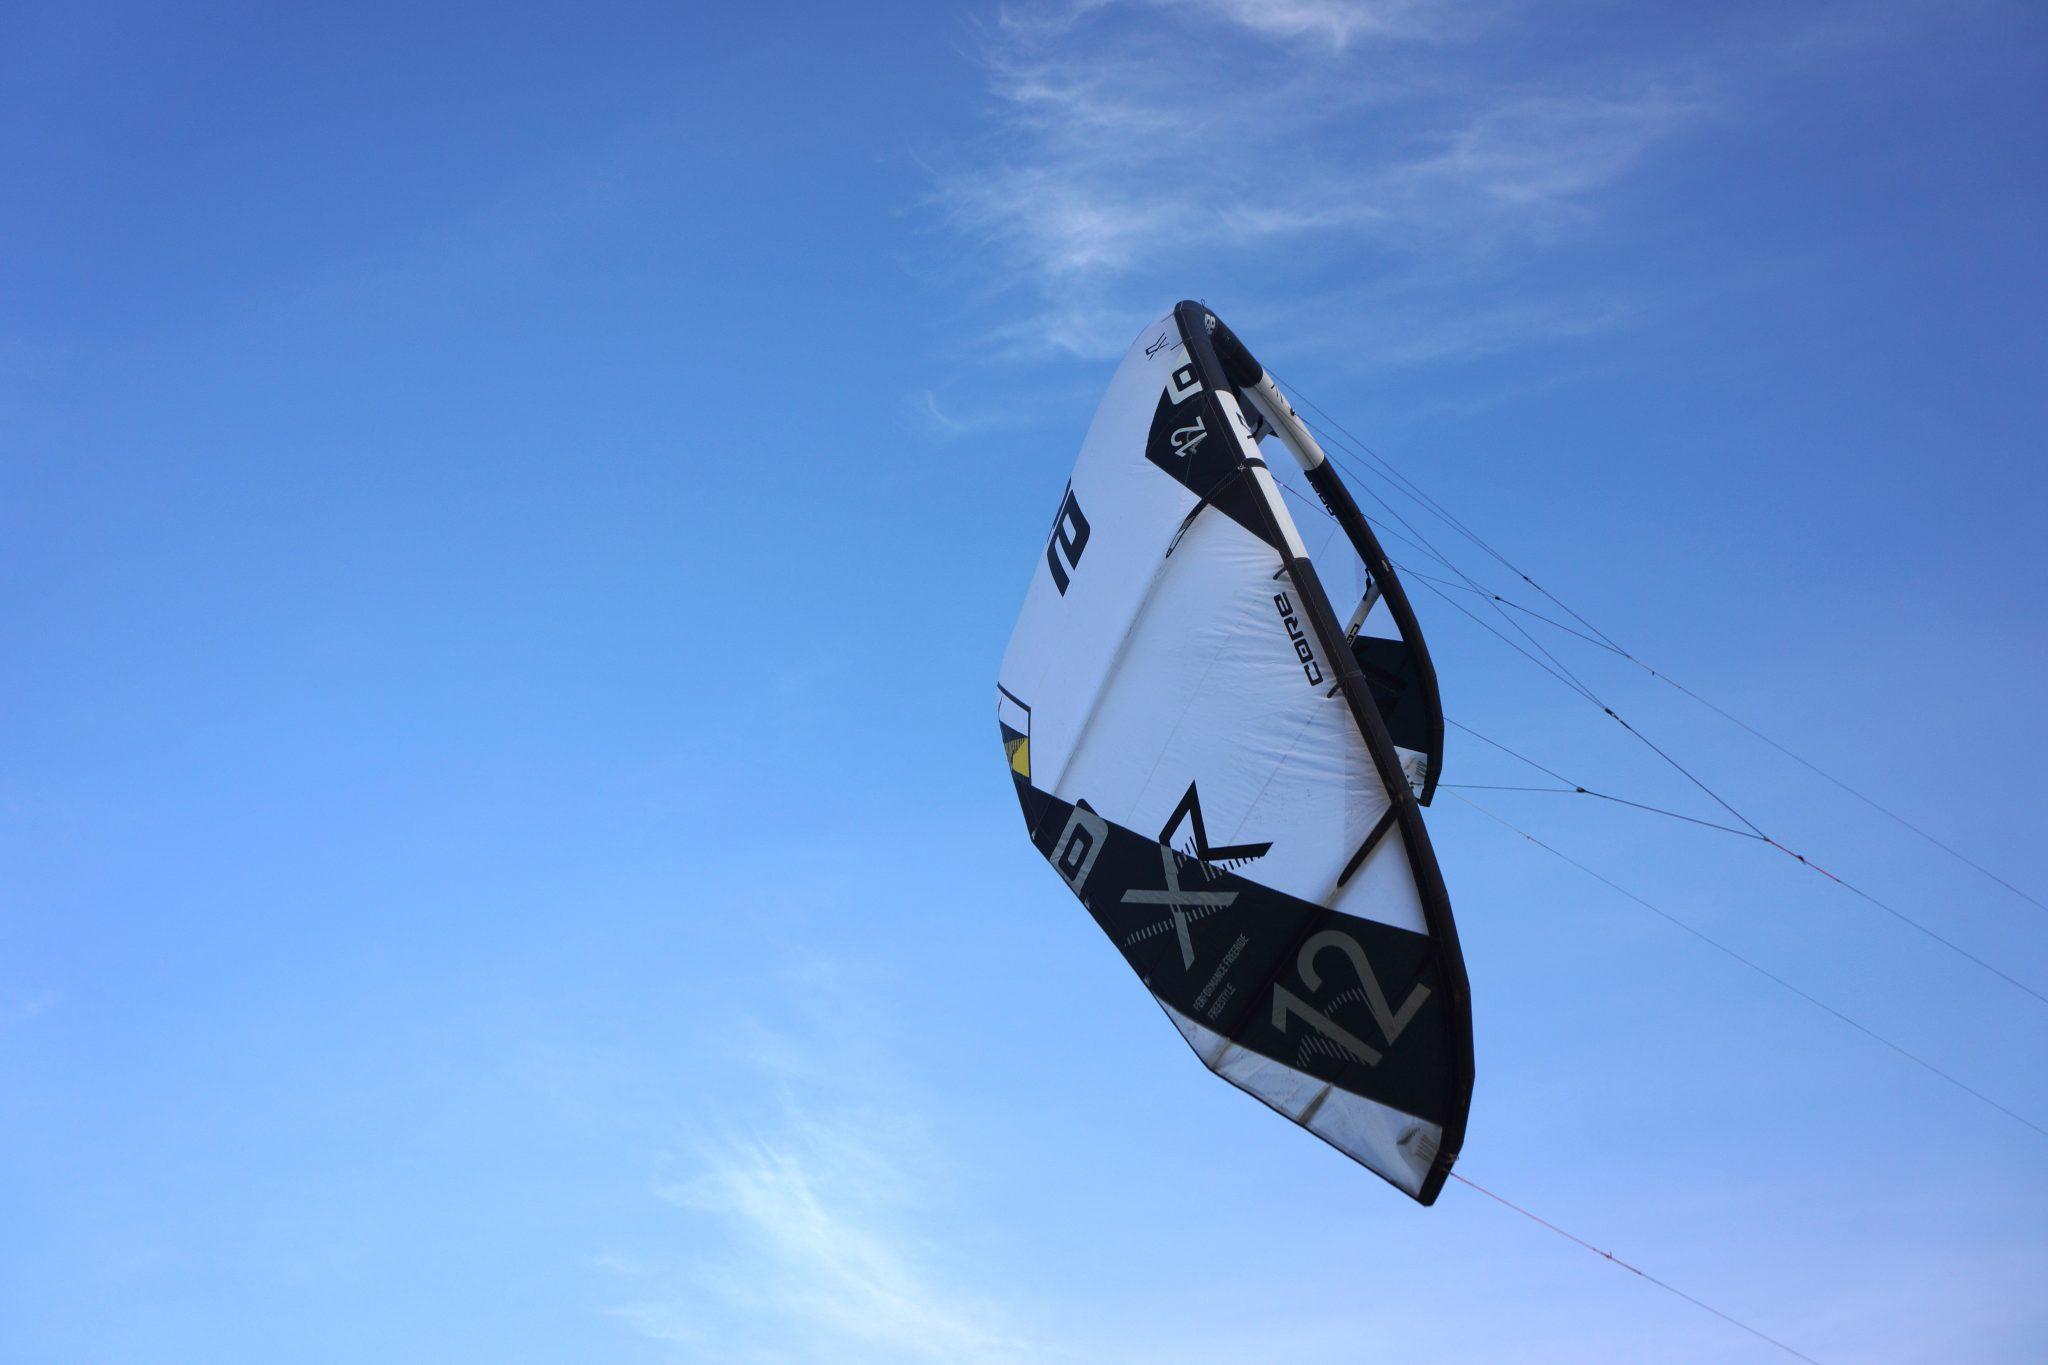 Kitesurfen CORE Kitesurfing  NEXUS LW Test-Kite white/black Kiteboard Kite Kites